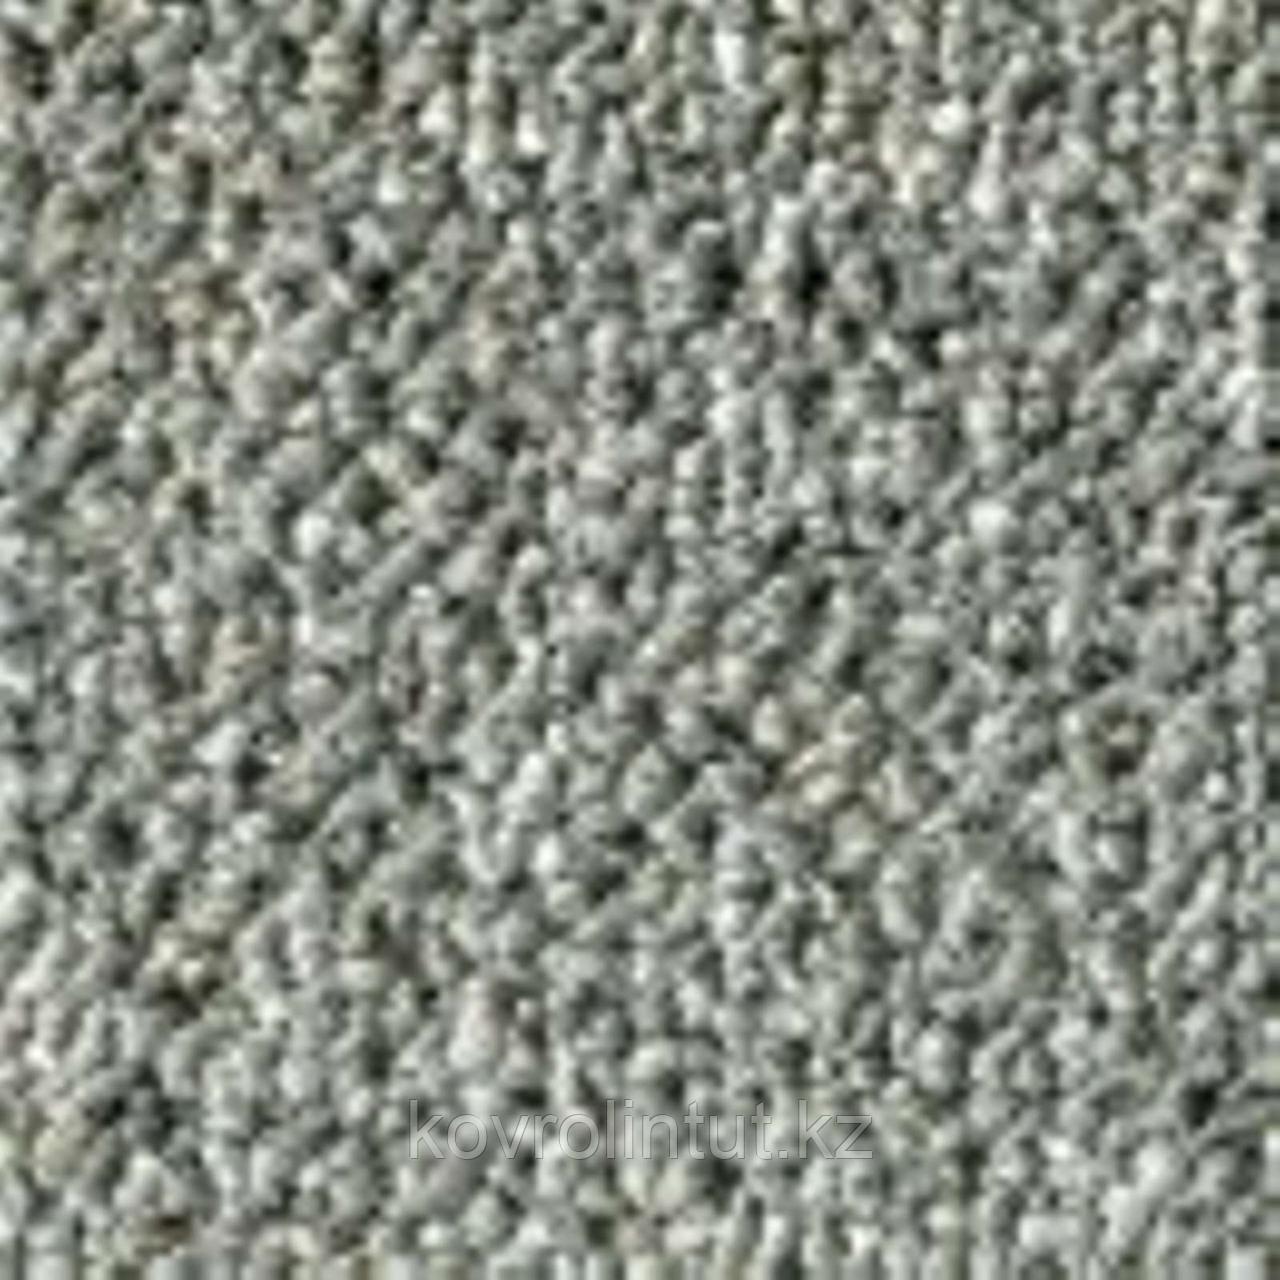 Плитка ковровая Сondor Graphic Marble 73, 50х50, 5м2/уп